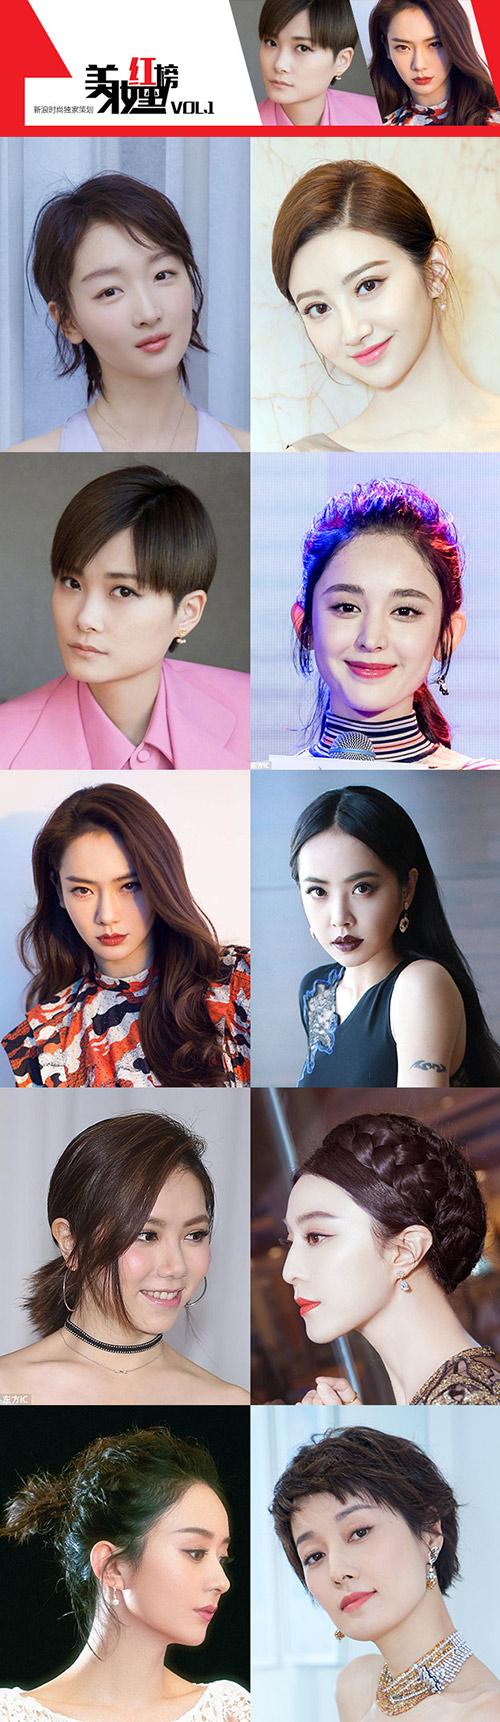 2018年1月#美妆红黑榜#红榜入围明星